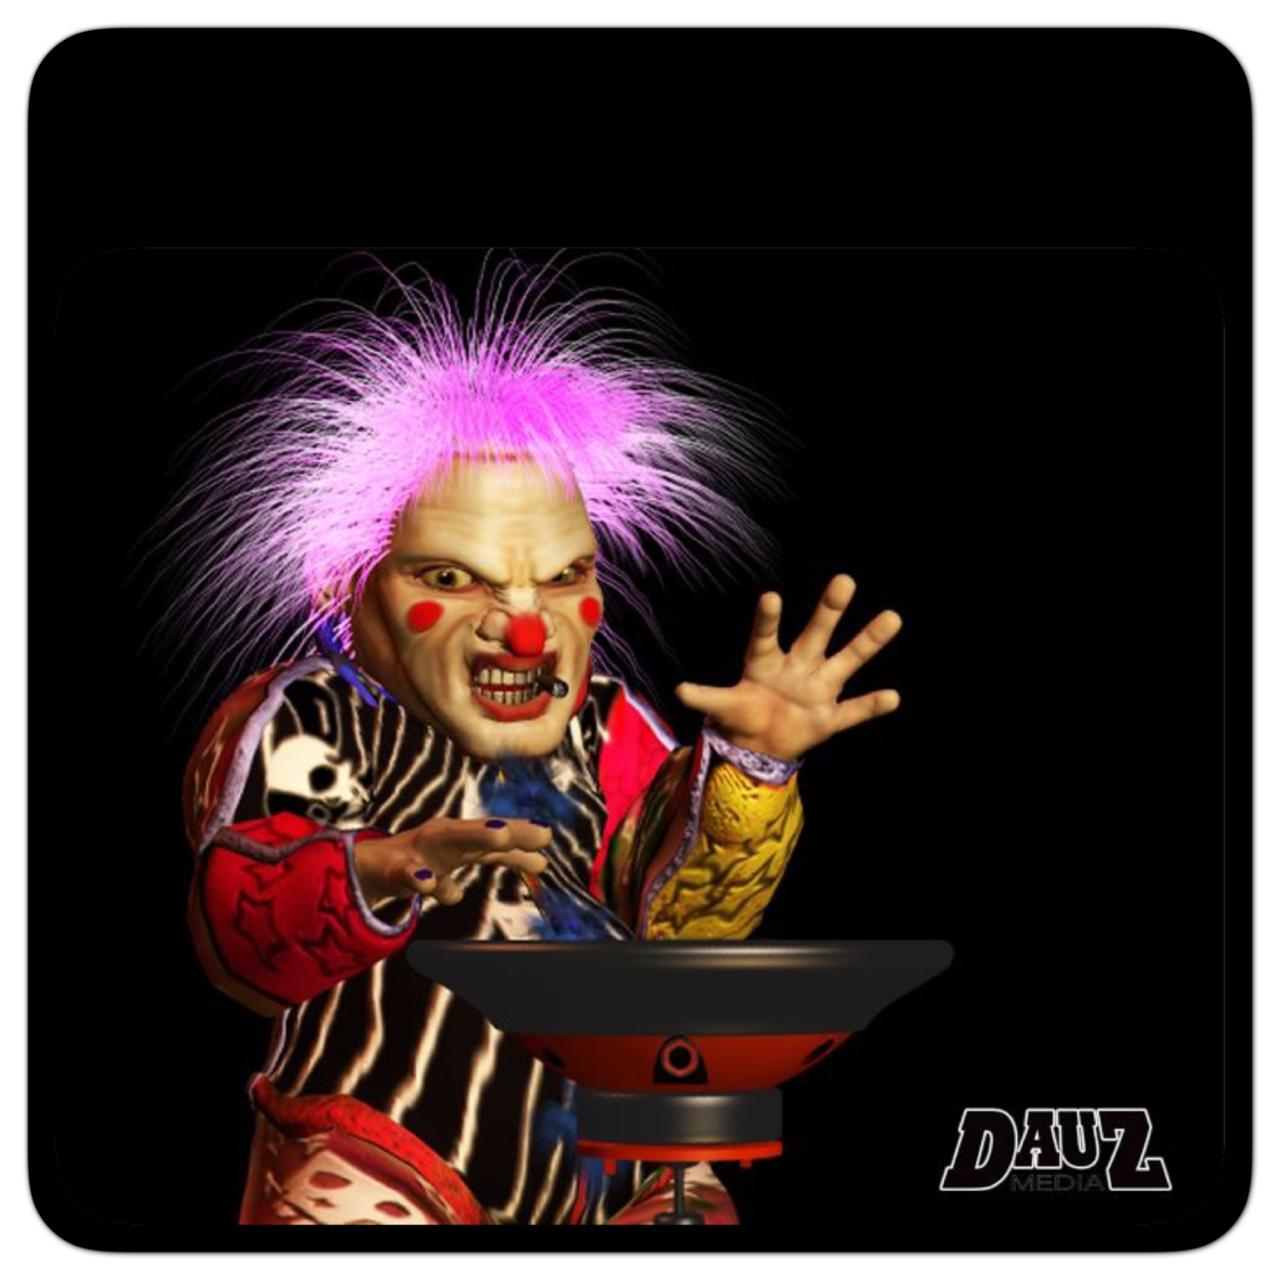 Dauz Drum Clown